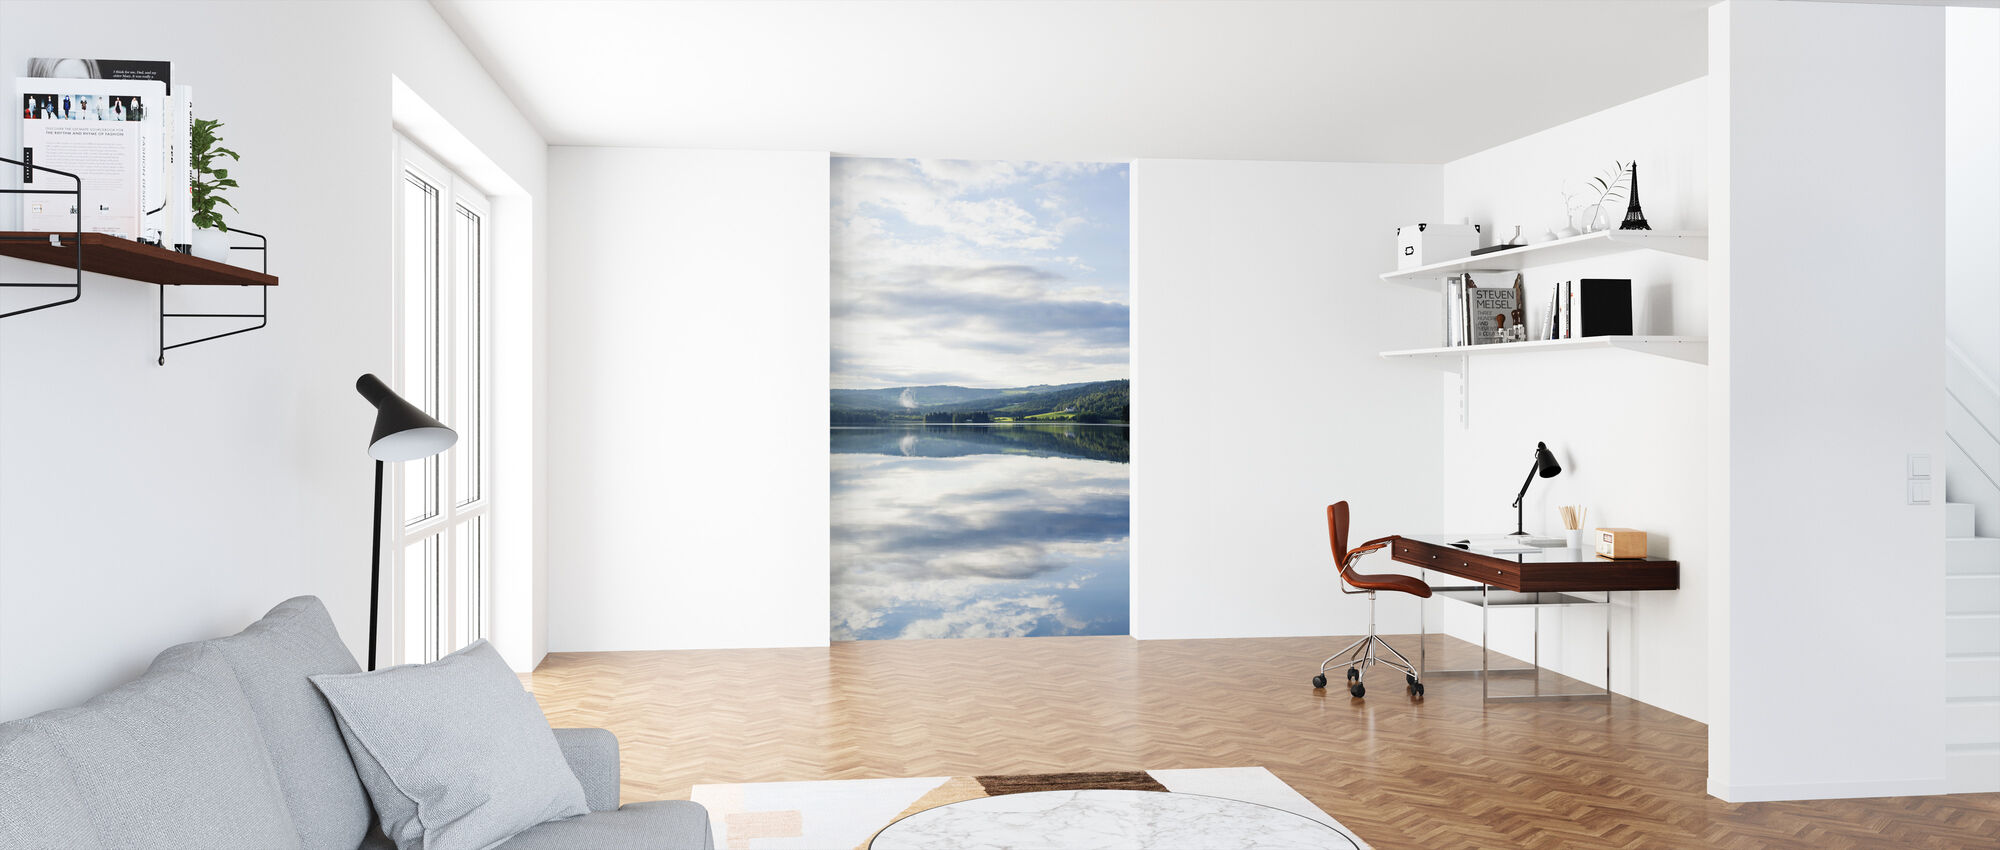 Norwegian Light - Wallpaper - Office